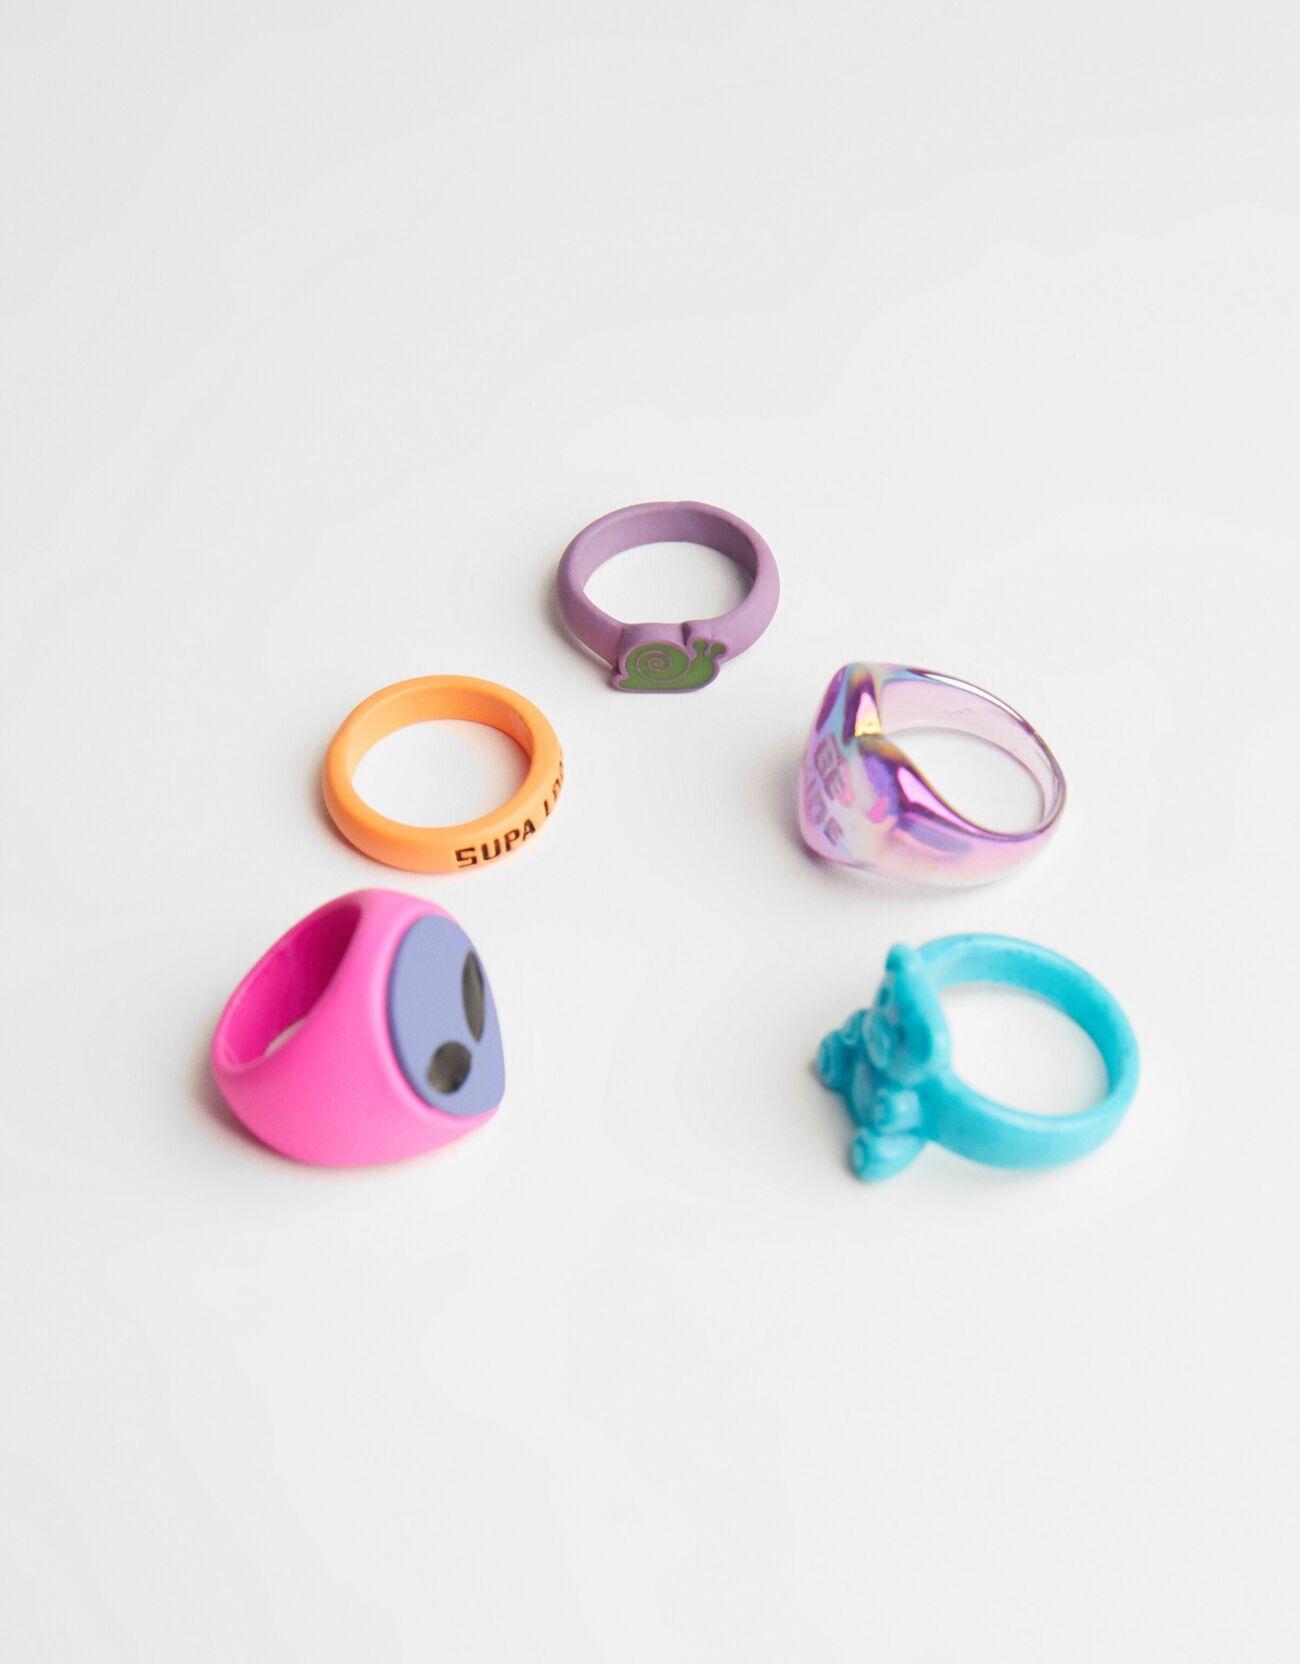 Set de cinco anillos de plástico con formas y diseños